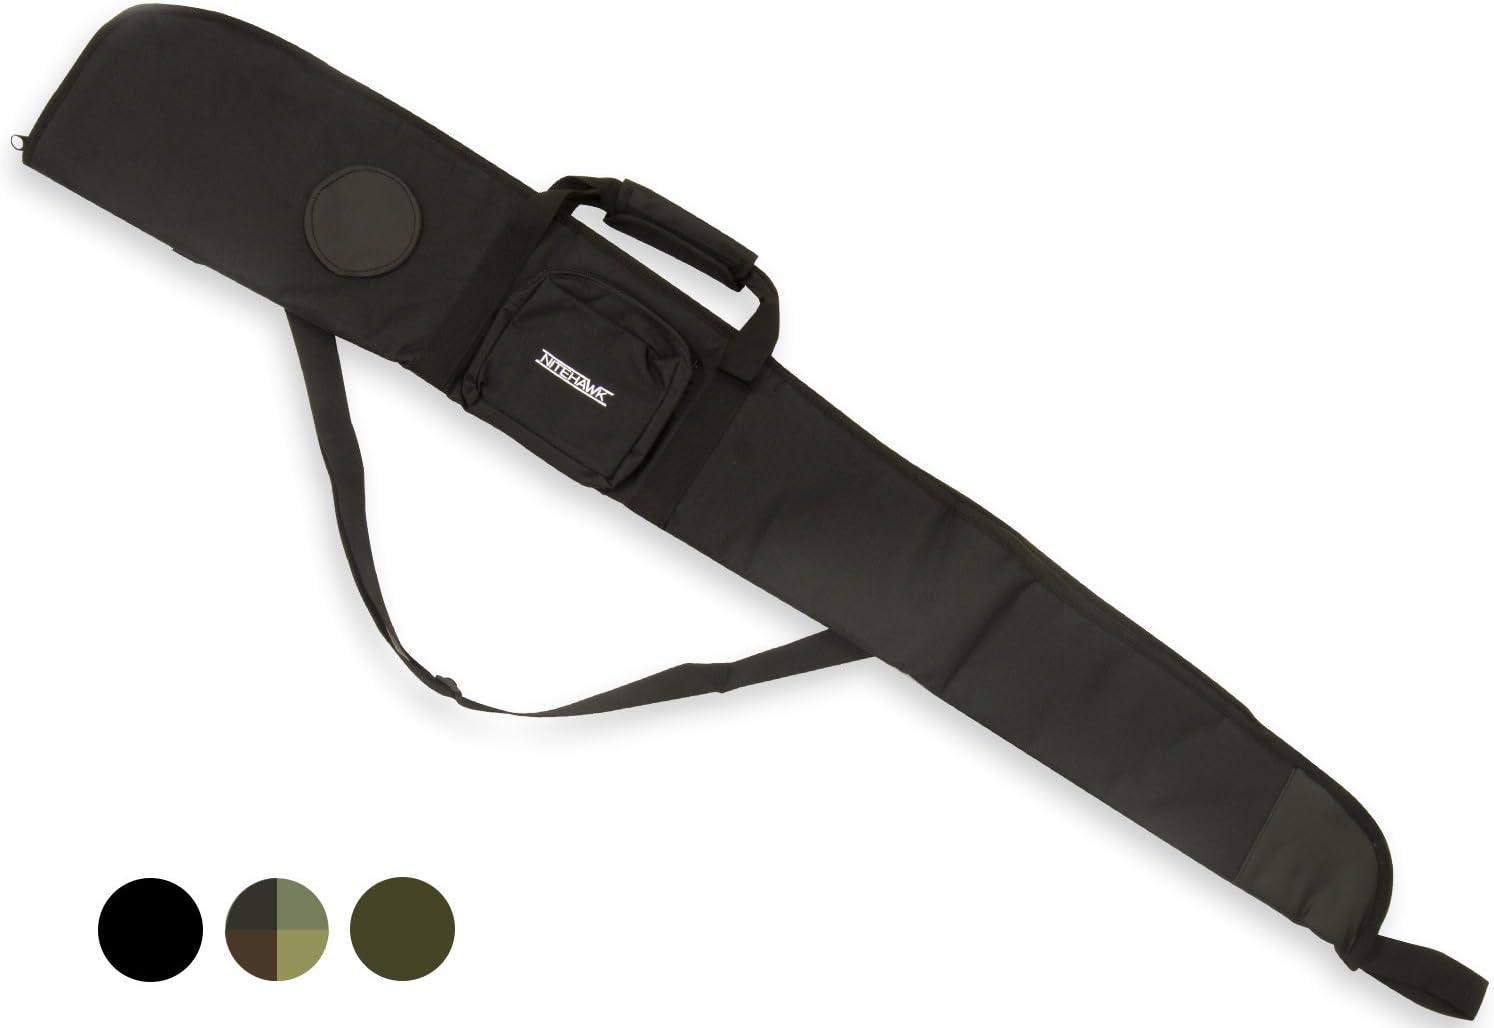 Housse de protection et de transport pour fusil /à air comprim/é////fusil de chasse rembourr/é